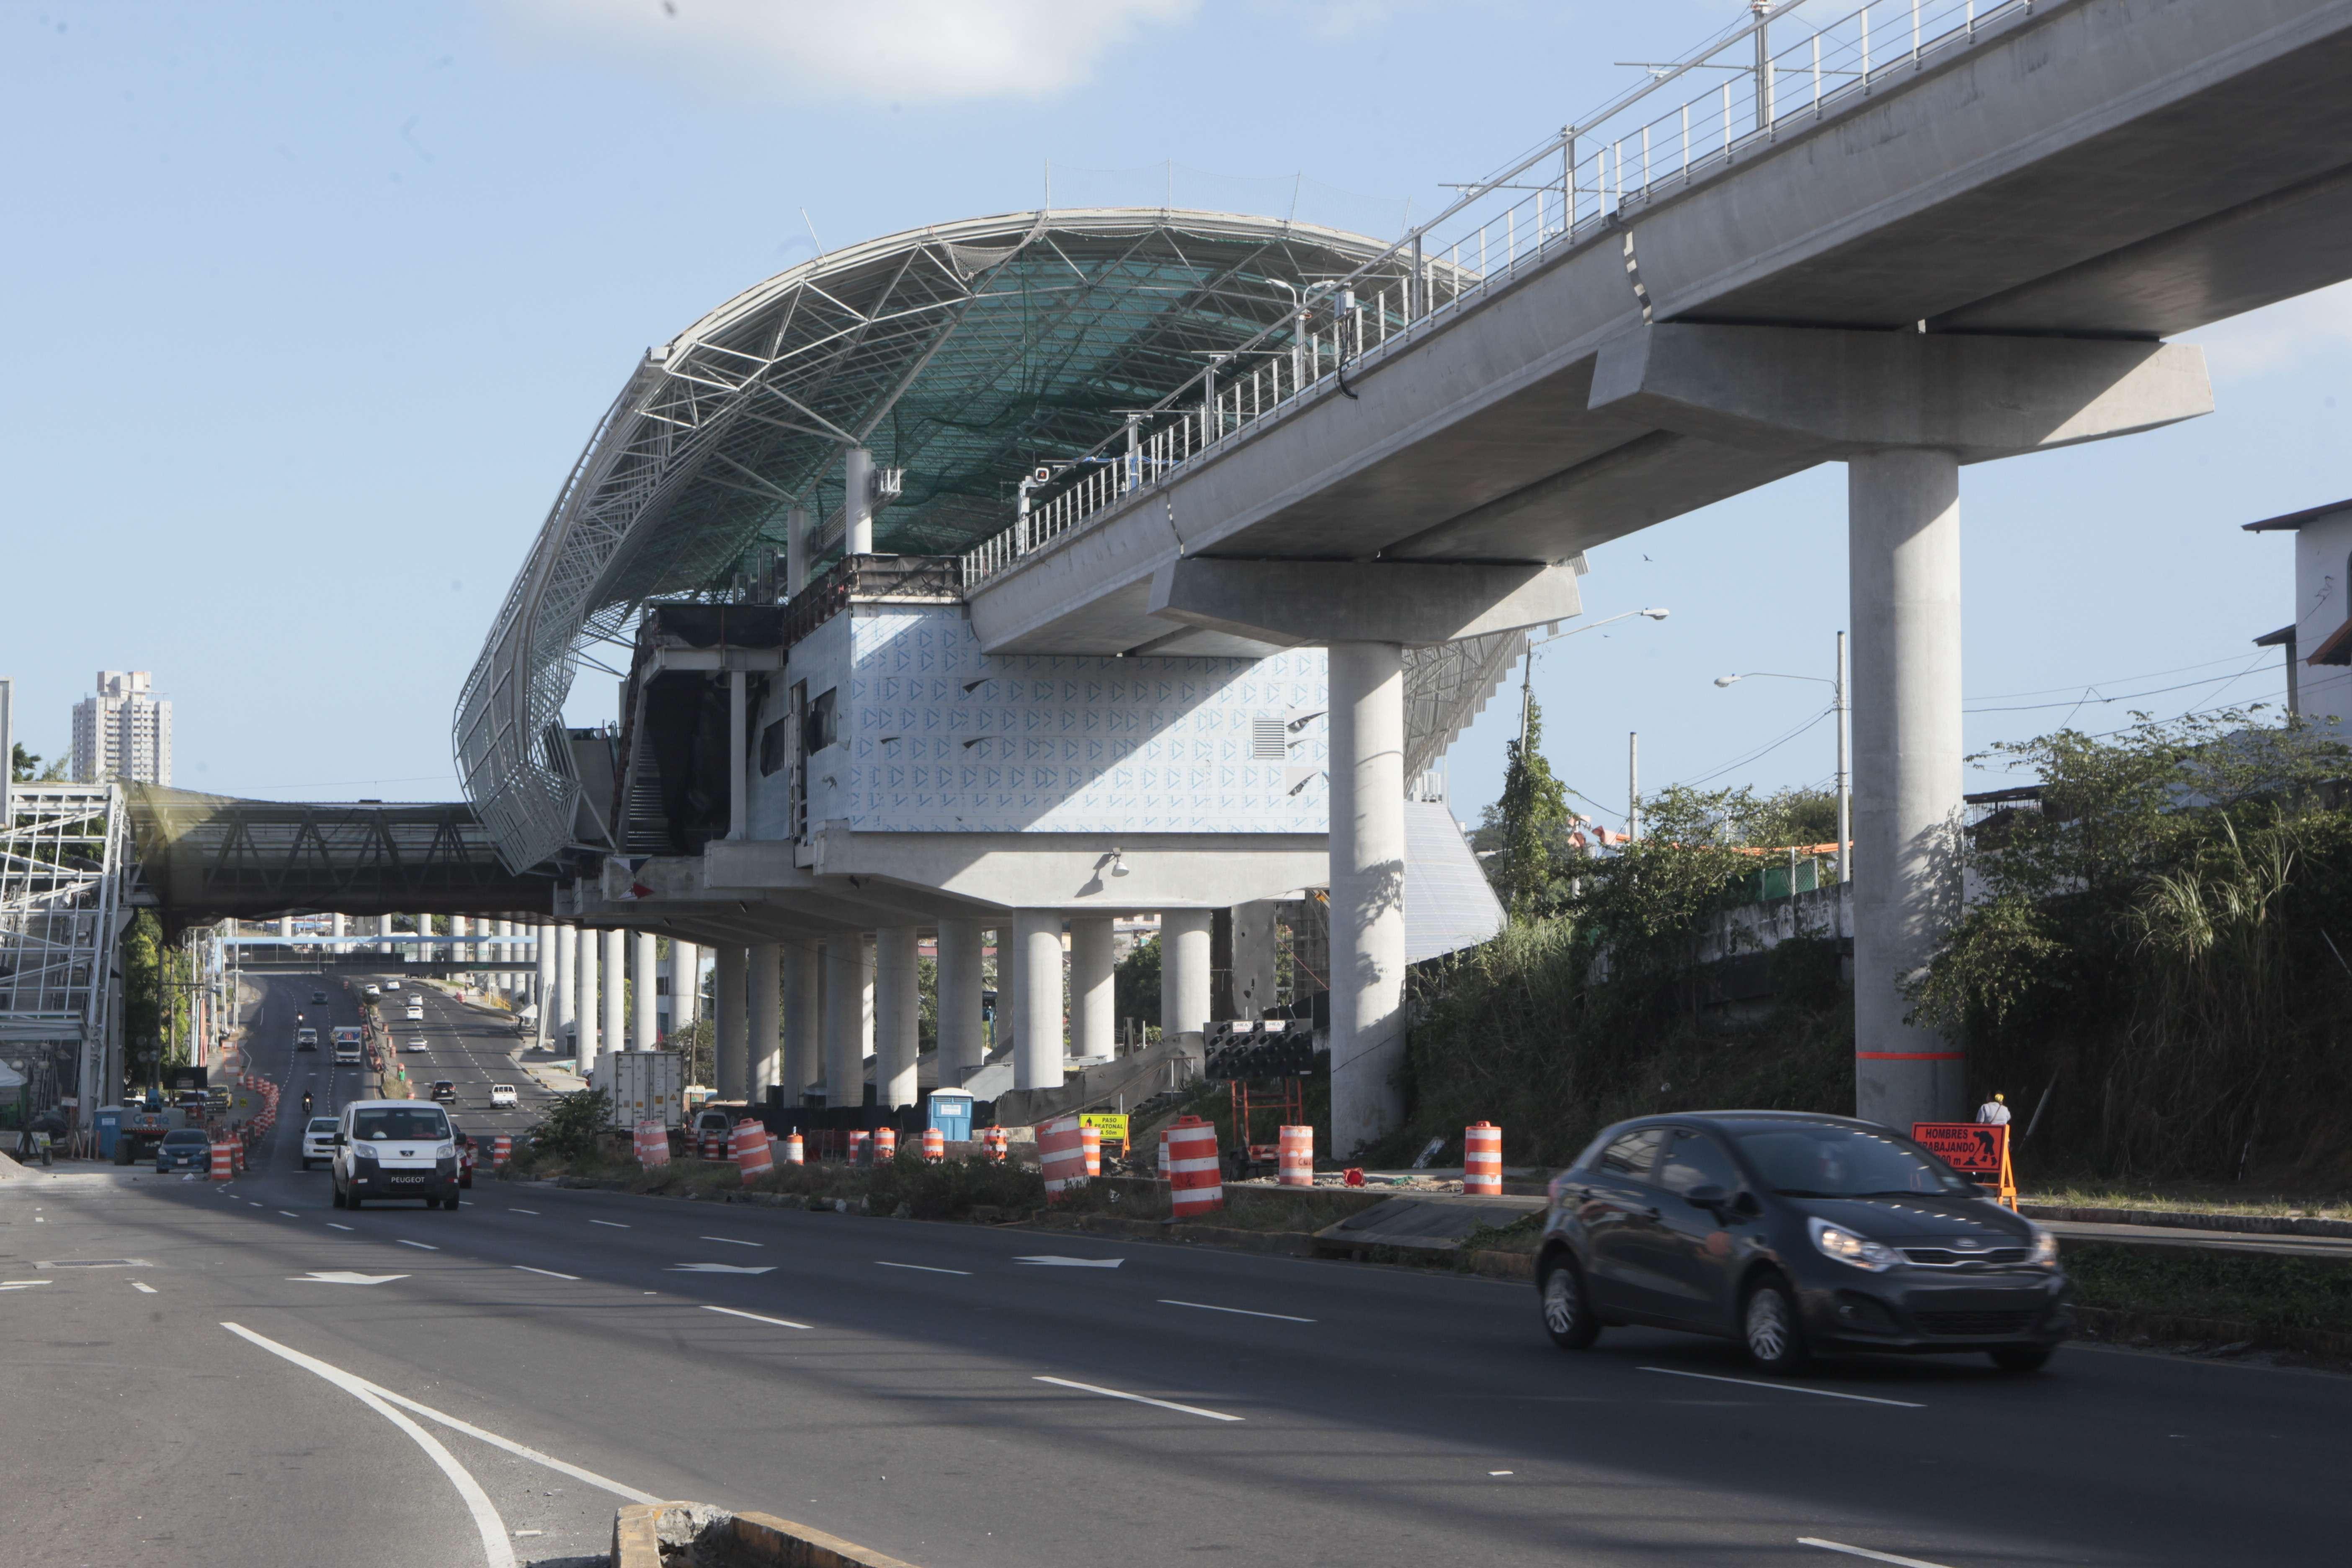 La Línea 2 del Metro fue puesta en operación parcialmente para la Jornada Mundial de la Juventud. Foto: Archivo